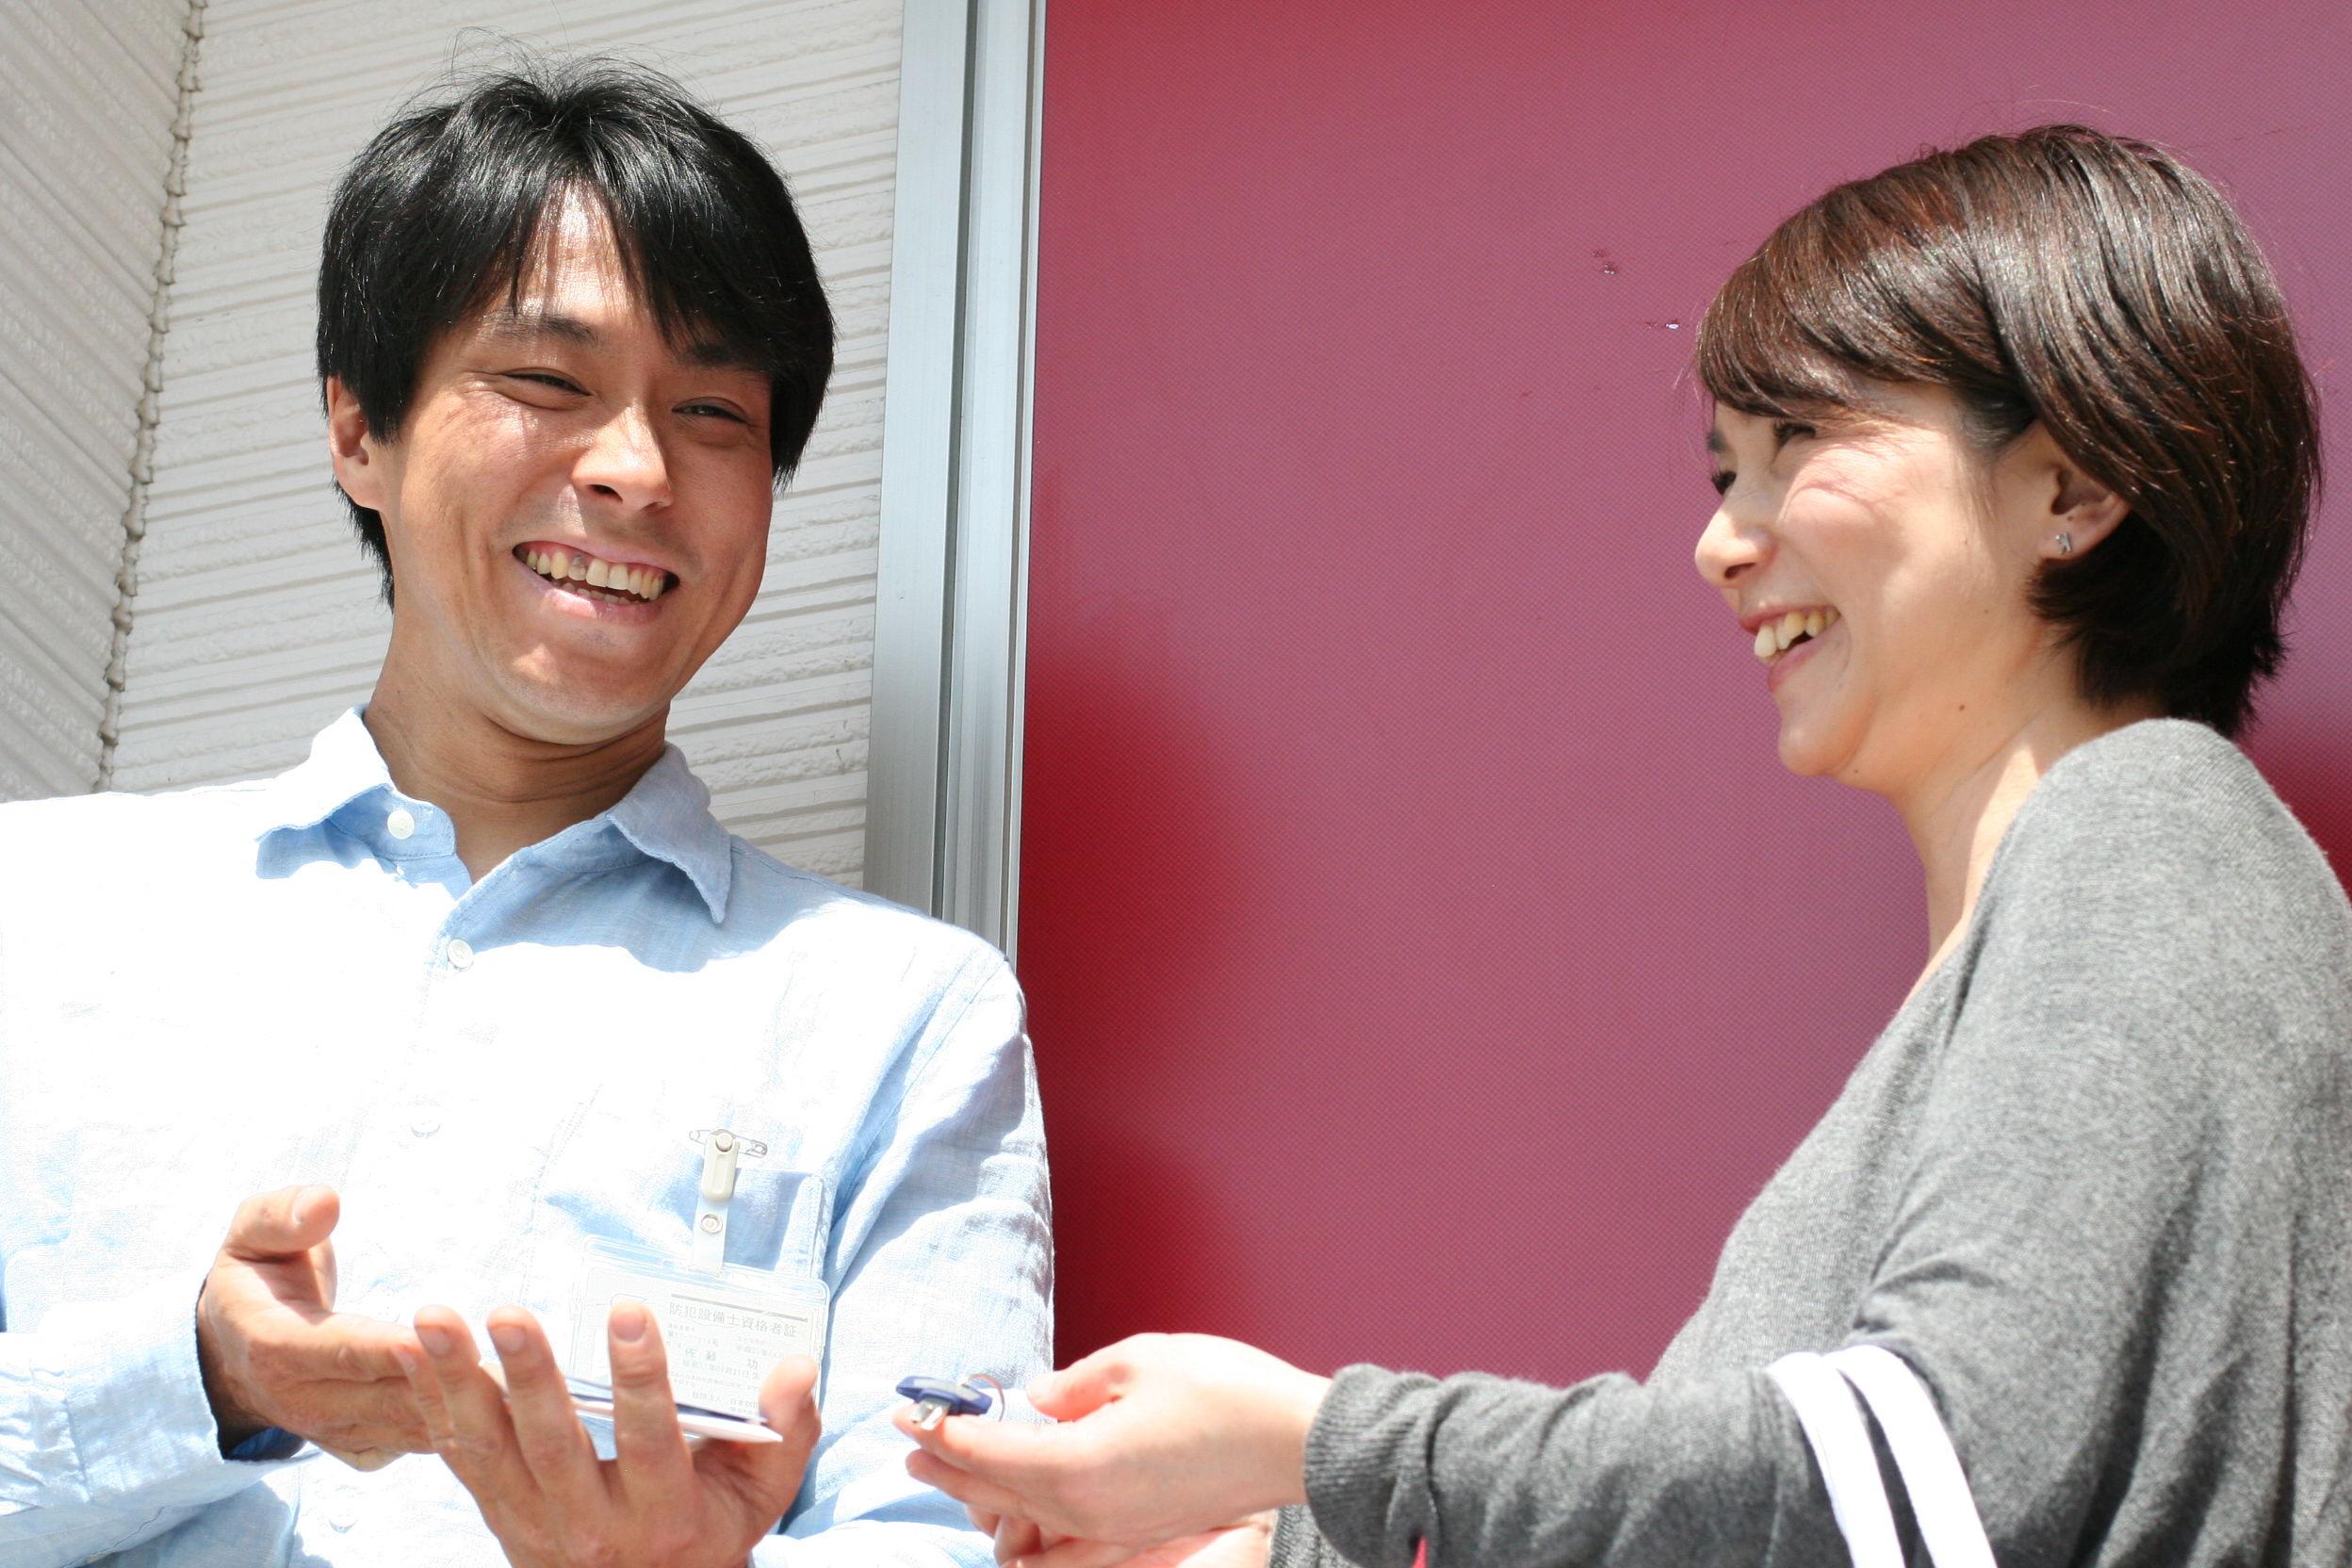 鍵のトラブル救急車【広島市西区 出張エリア】のメイン画像